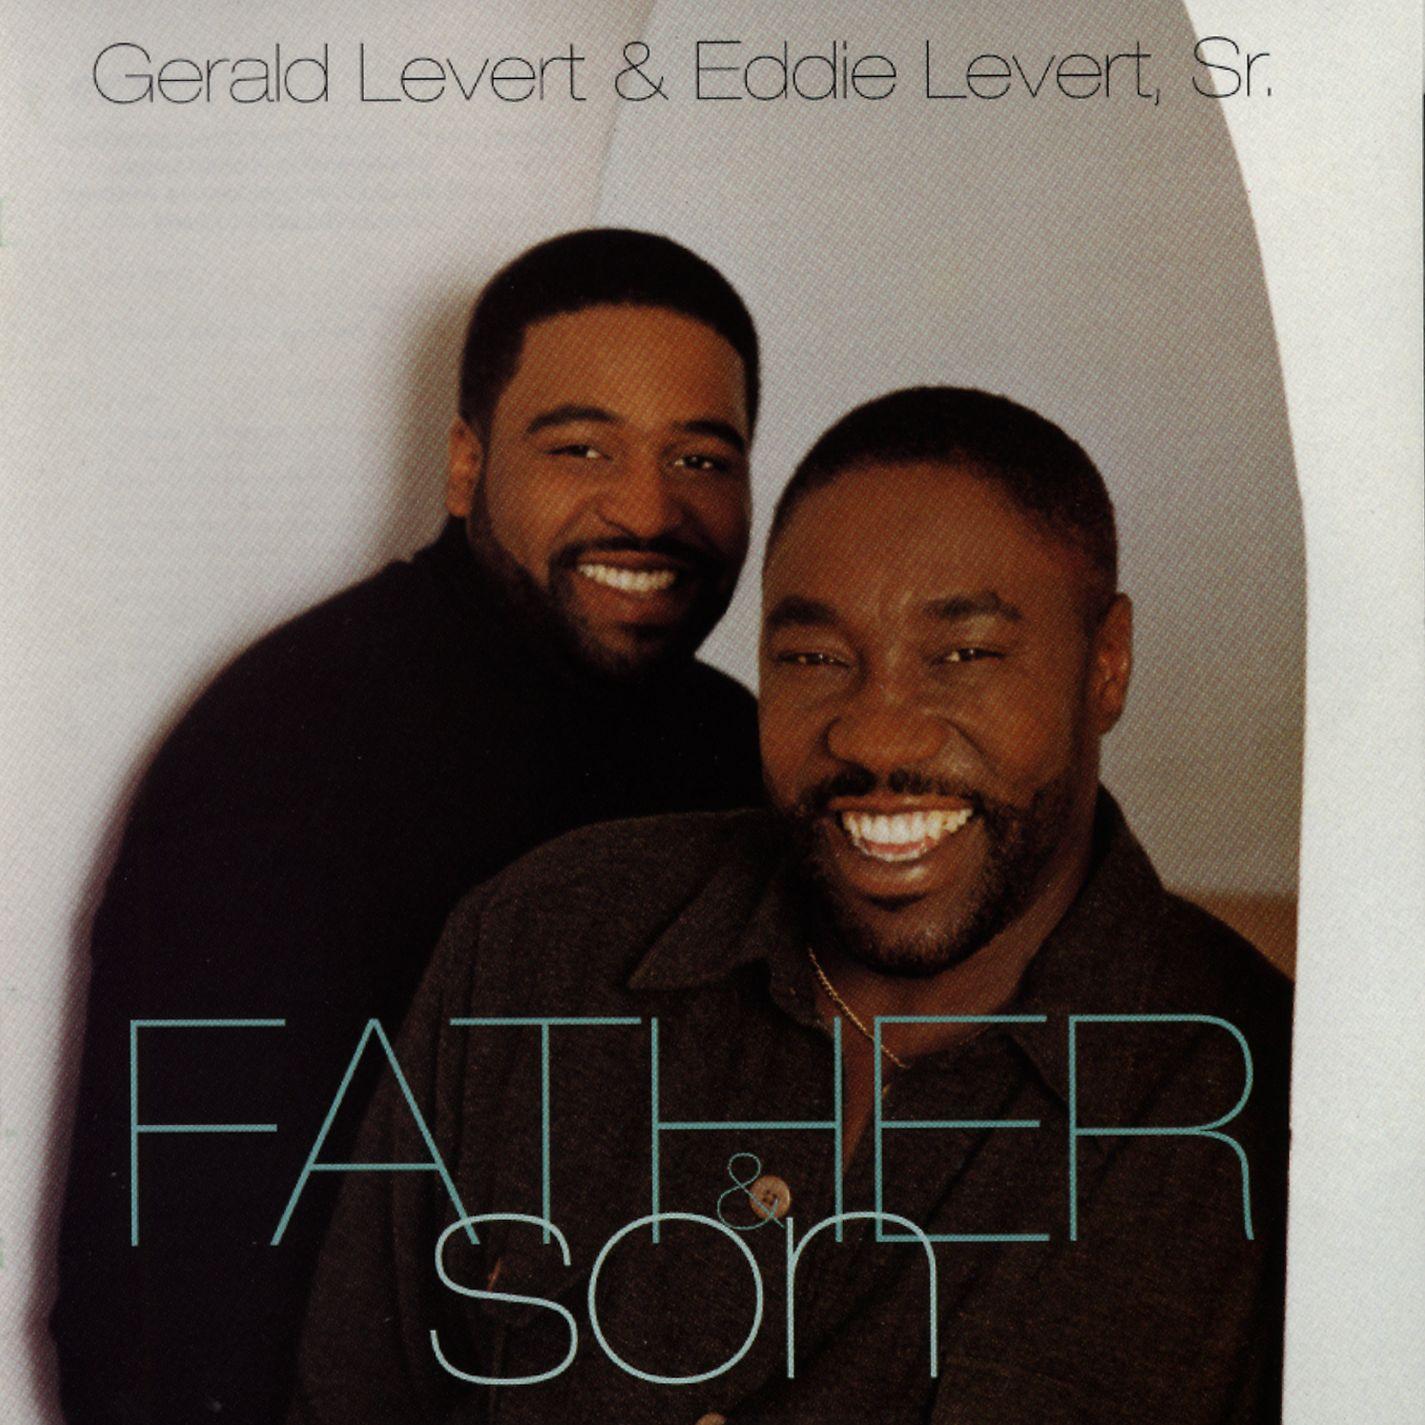 Listen Free To Gerald Levert Amp Eddie Levert Already